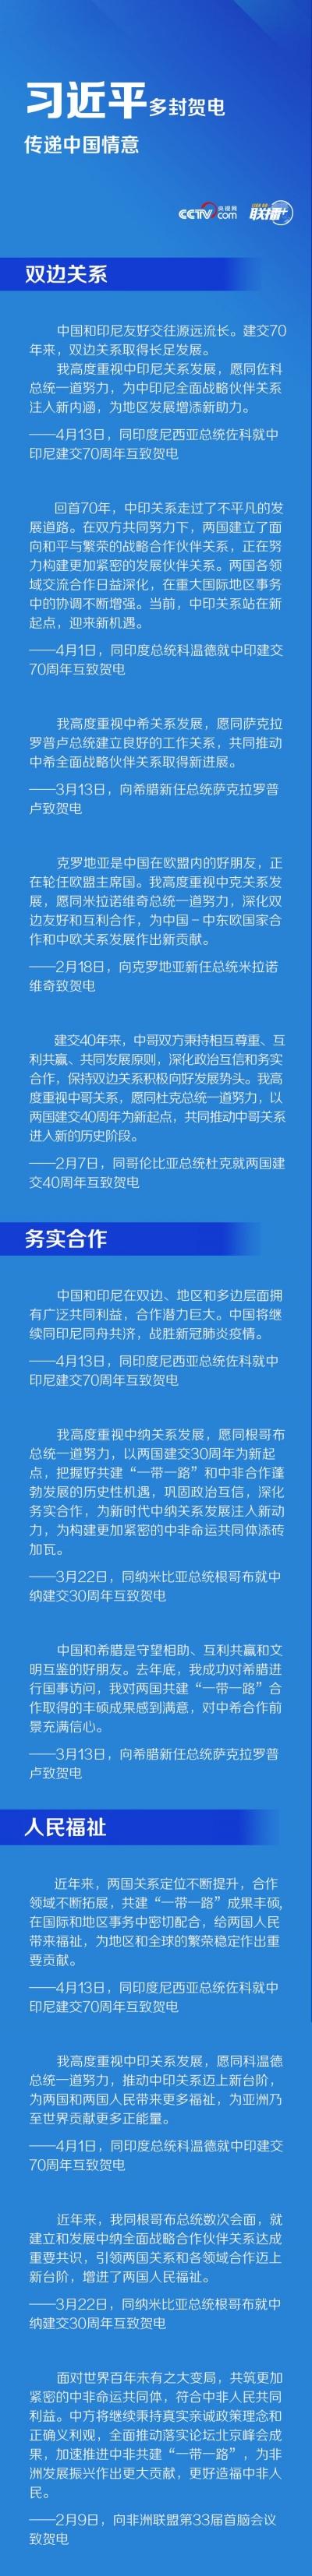 联播+丨习近平多封贺电传递中国情意